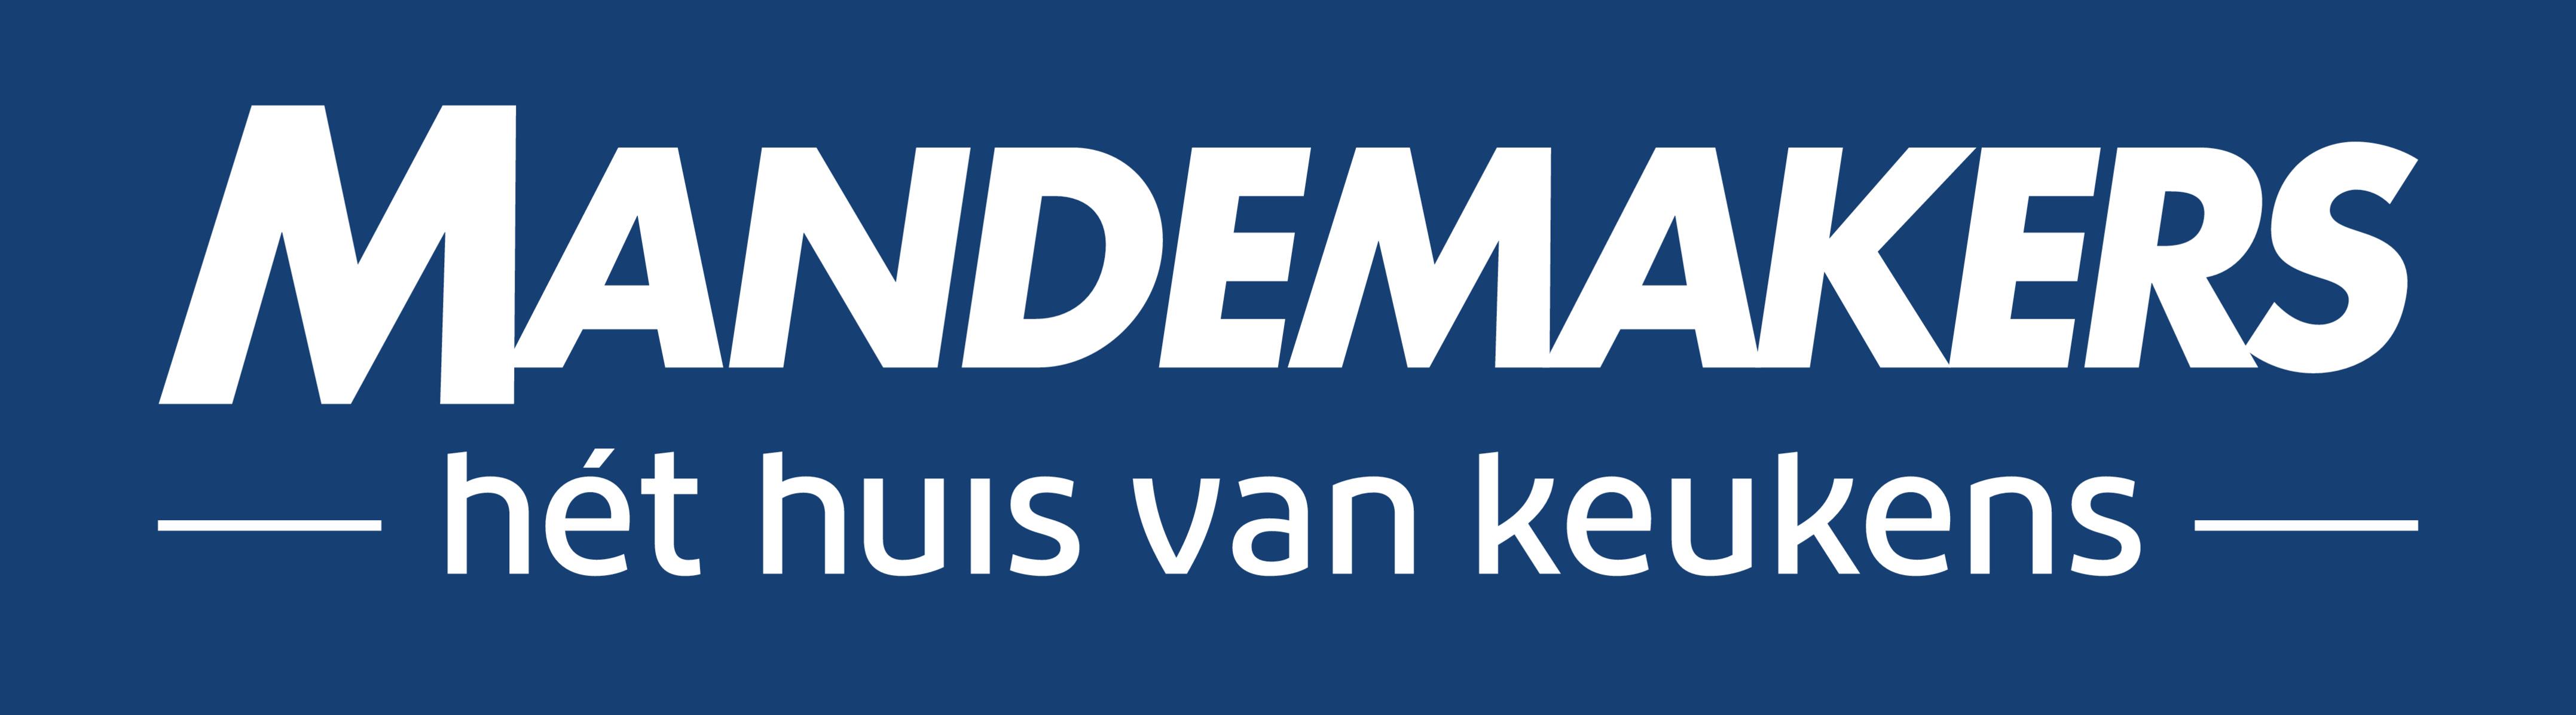 Mandemakers_Logo_Blok_CMYK_V2